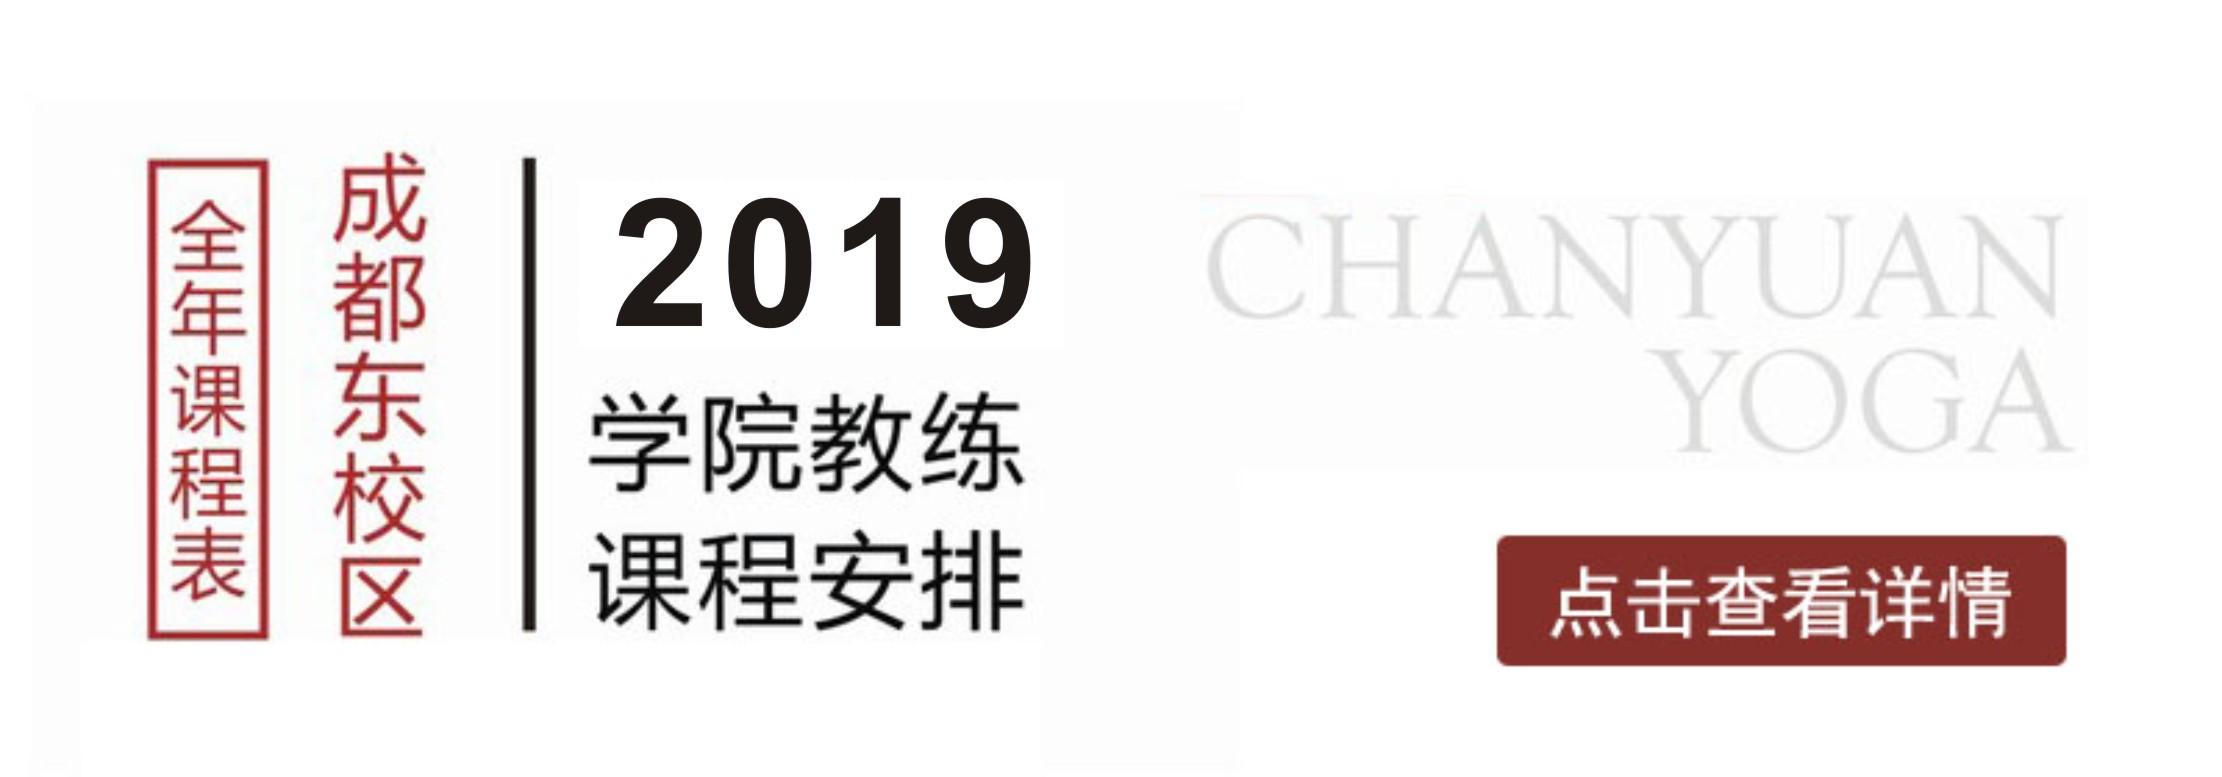 成都东校区全年课程表